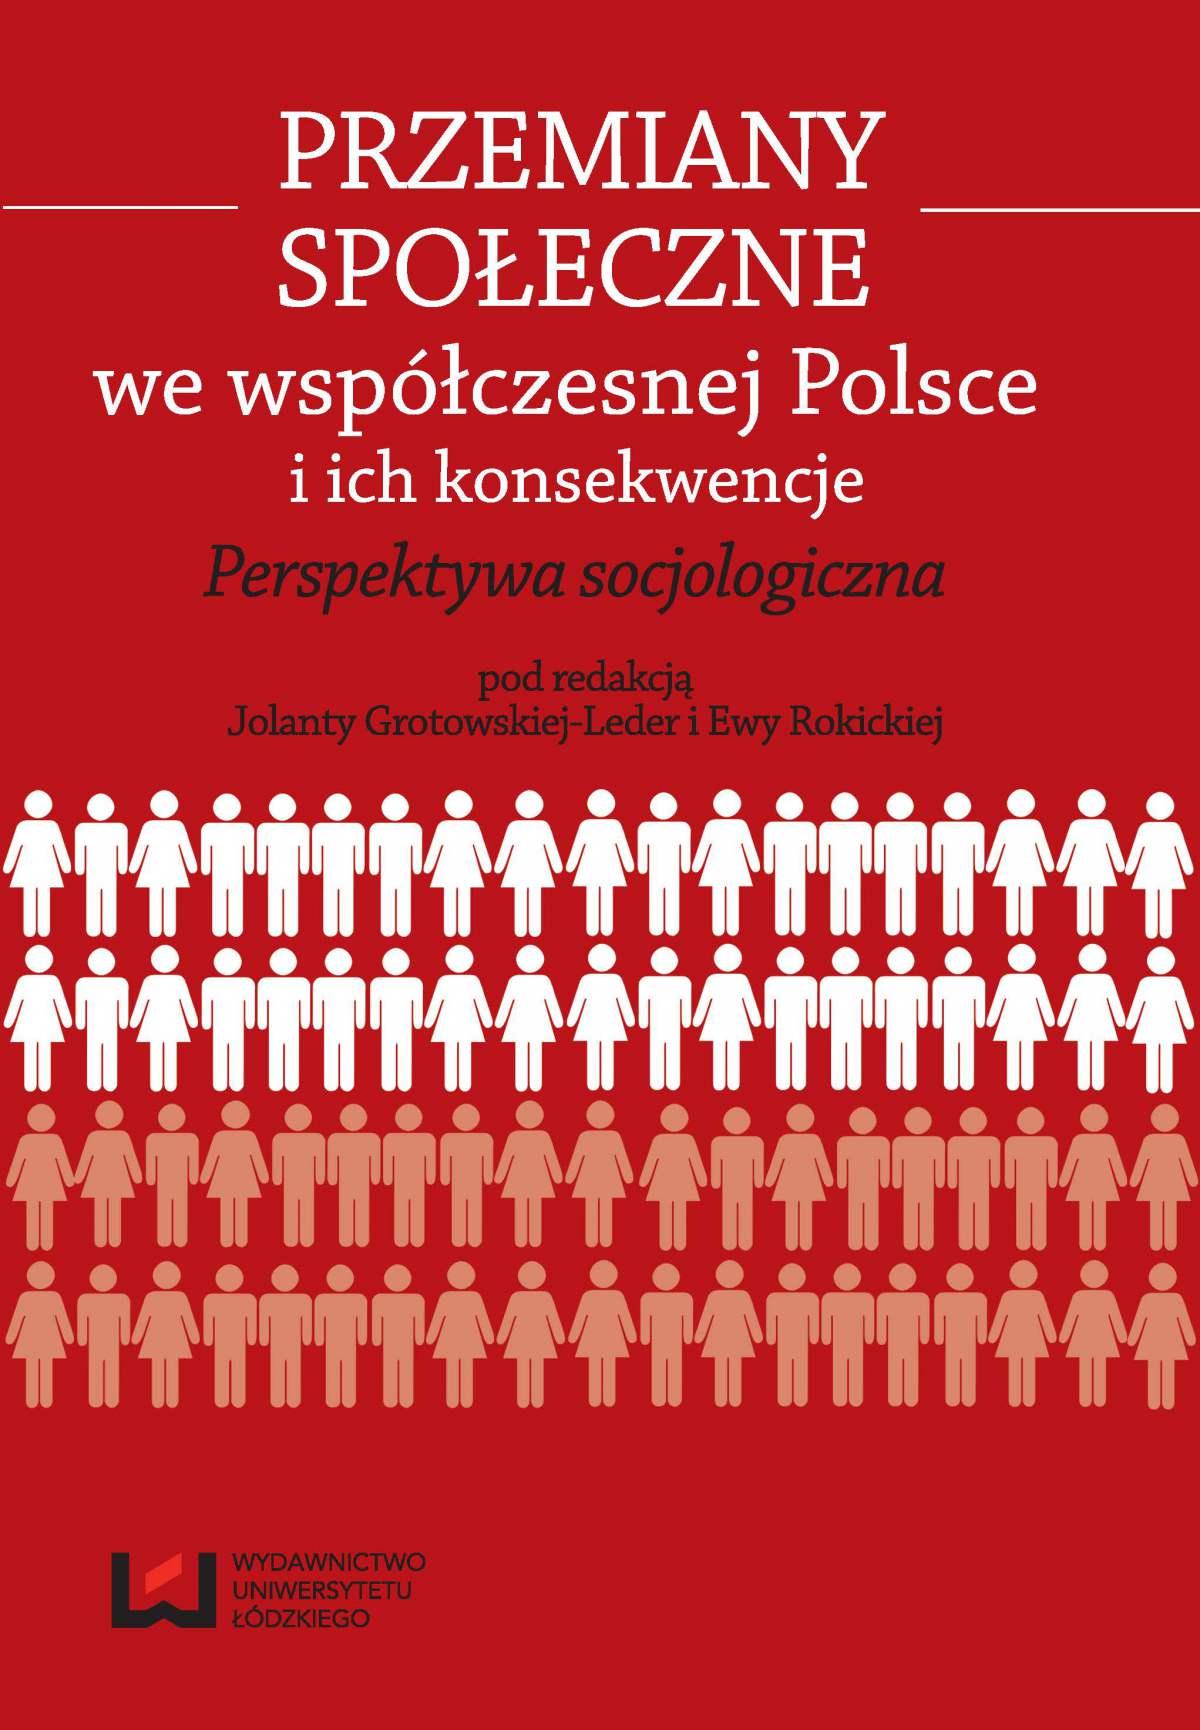 Przemiany społeczne we współczesnej Polsce i ich konsekwencje. Perspektywa socjologiczna - Ebook (Książka PDF) do pobrania w formacie PDF